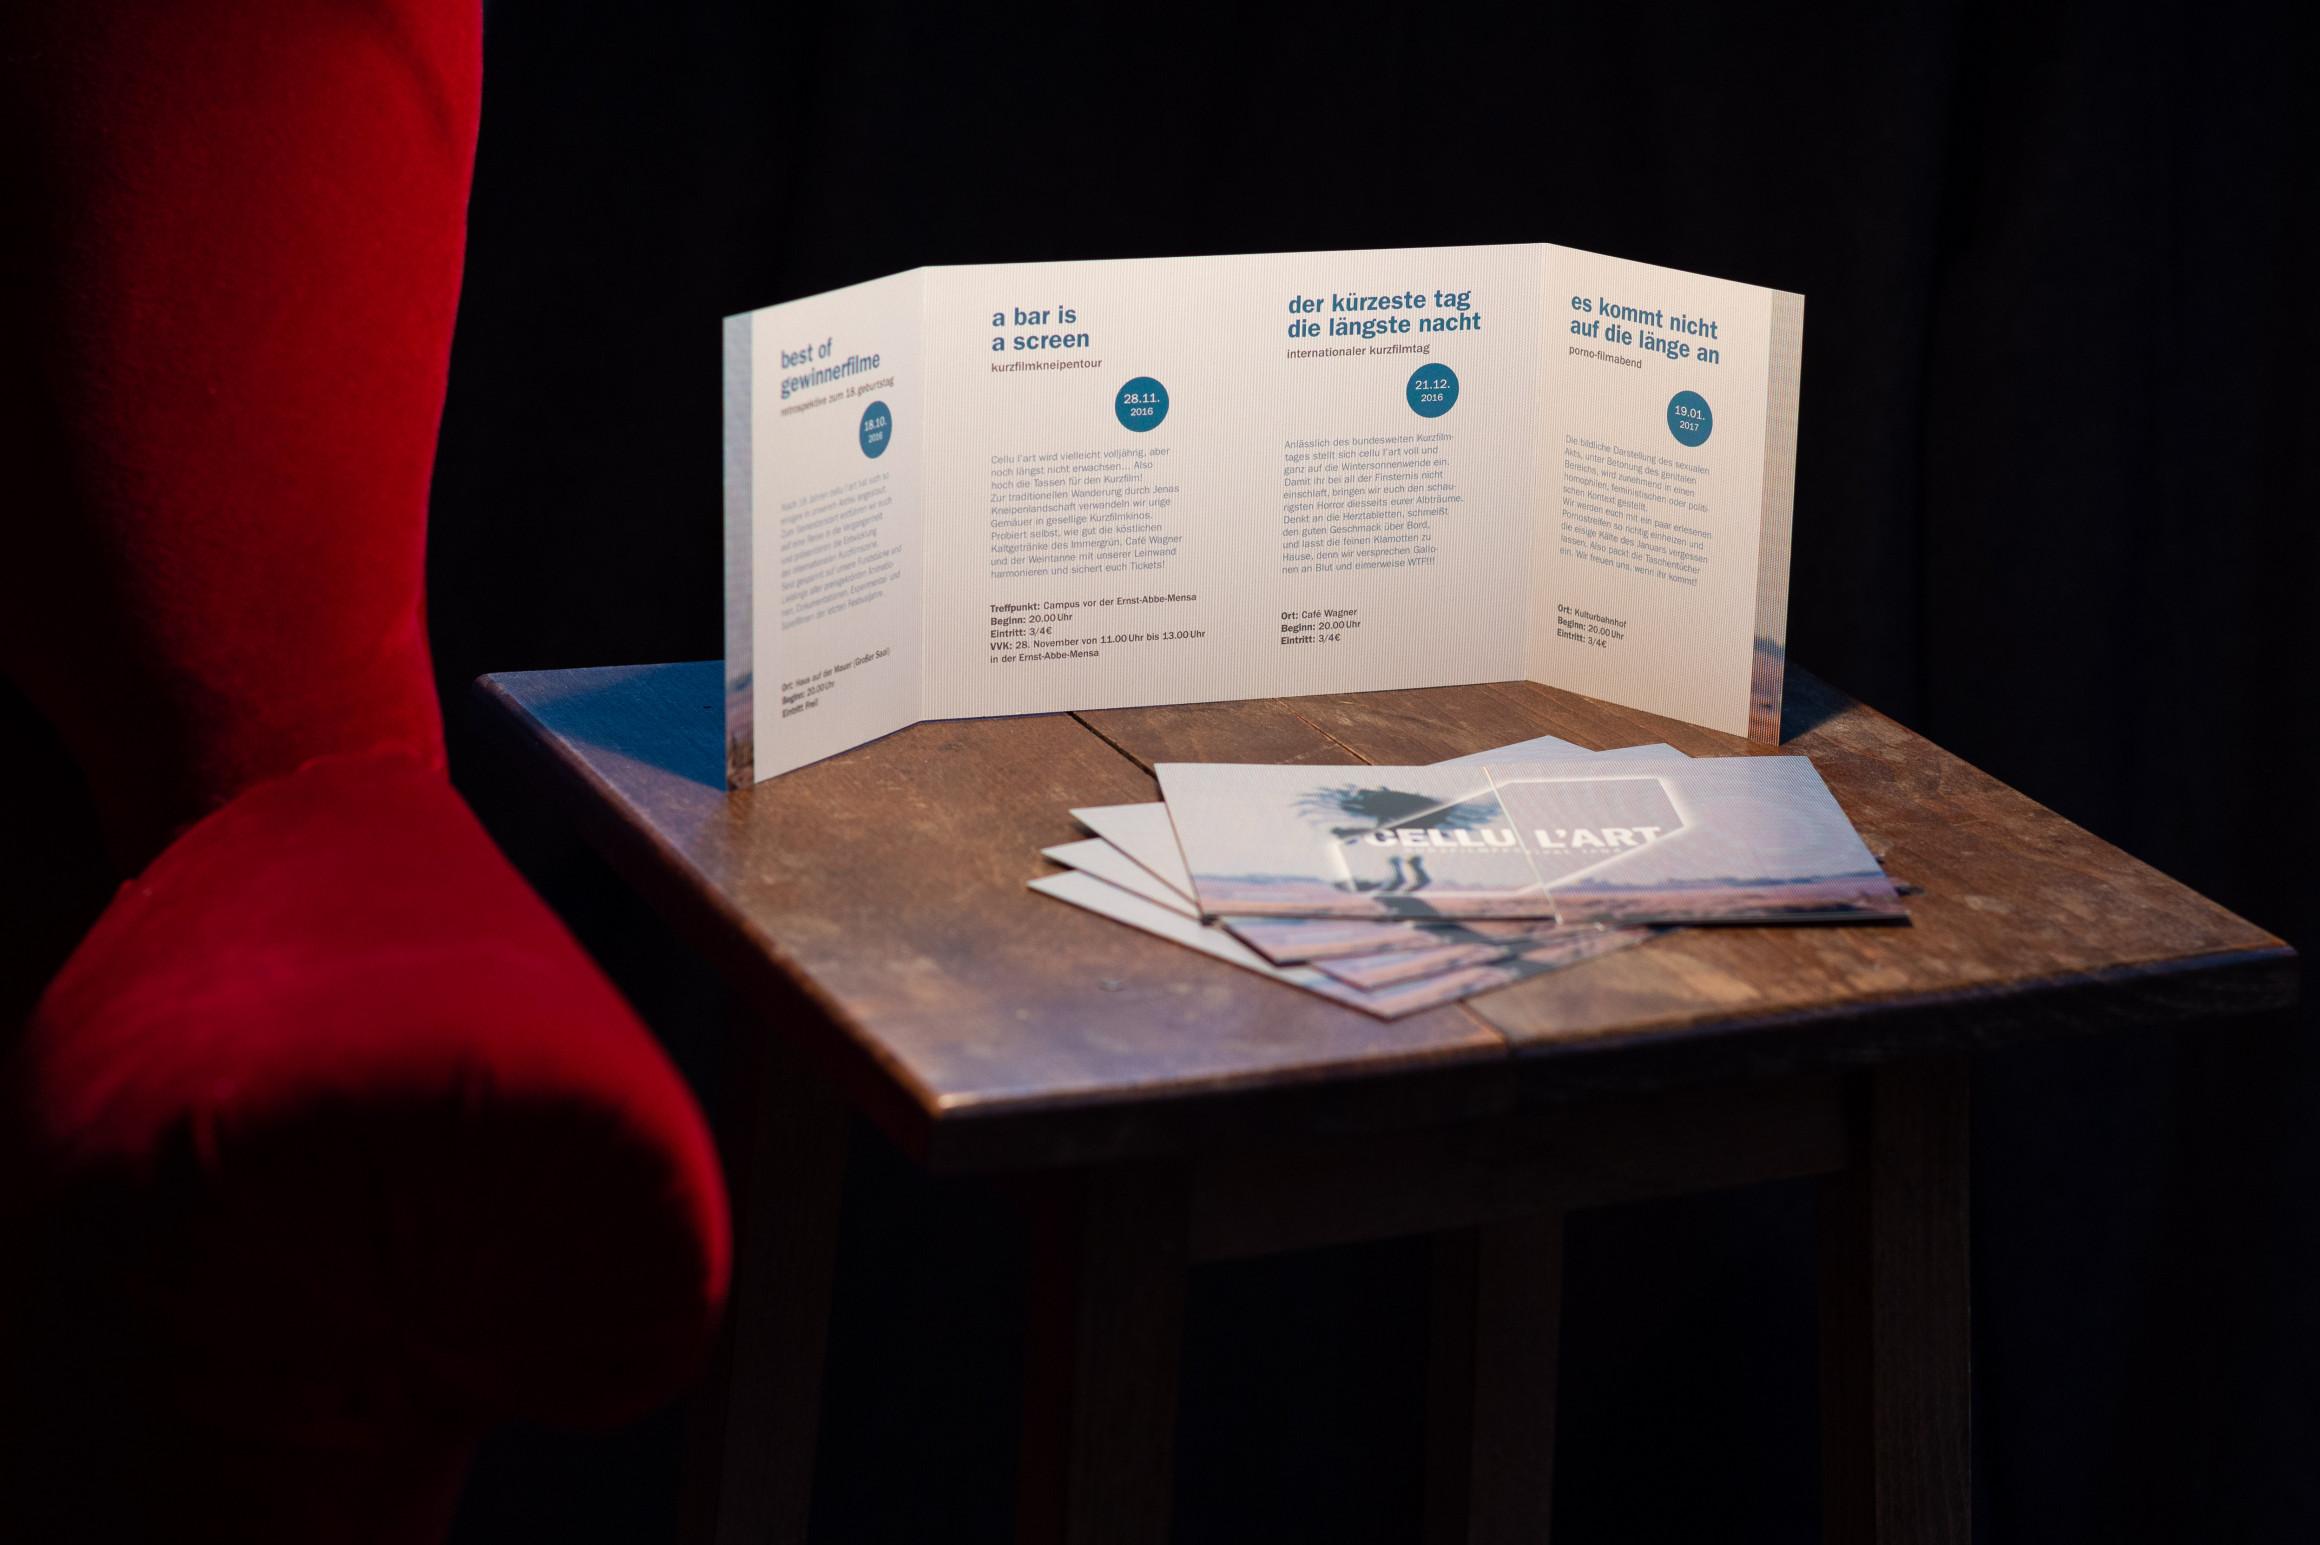 Ein Leporello mit Altarfalz bzw. ein Programm-Flyer steht auf einem kleinen Holztische neben einem roten Samtsessel.